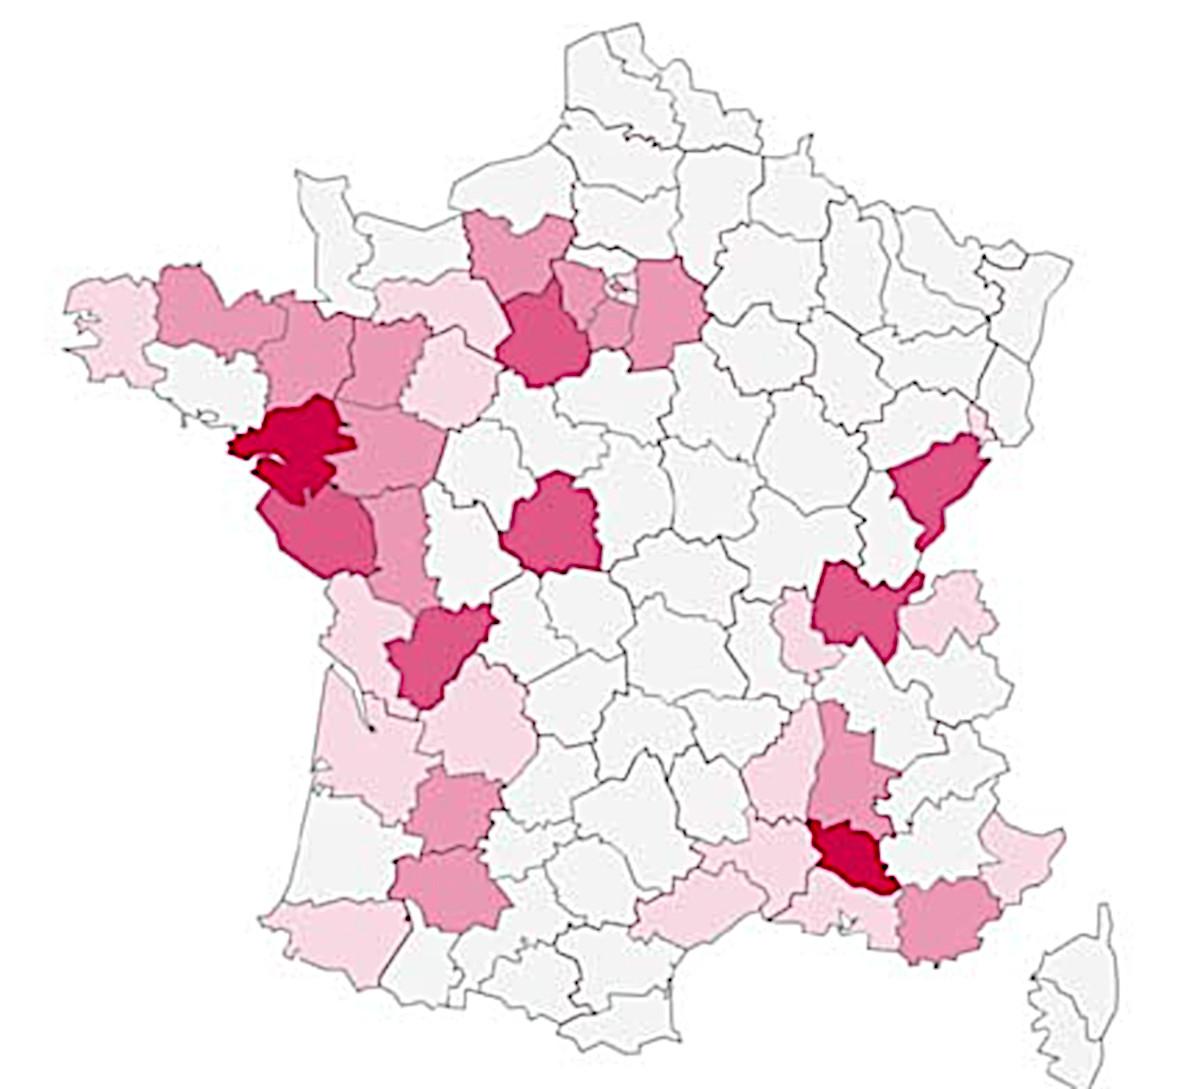 Шовен – довольно распространённая во Франции фамилия. Больше всего Шовенов – в окрестностях города Рошфор